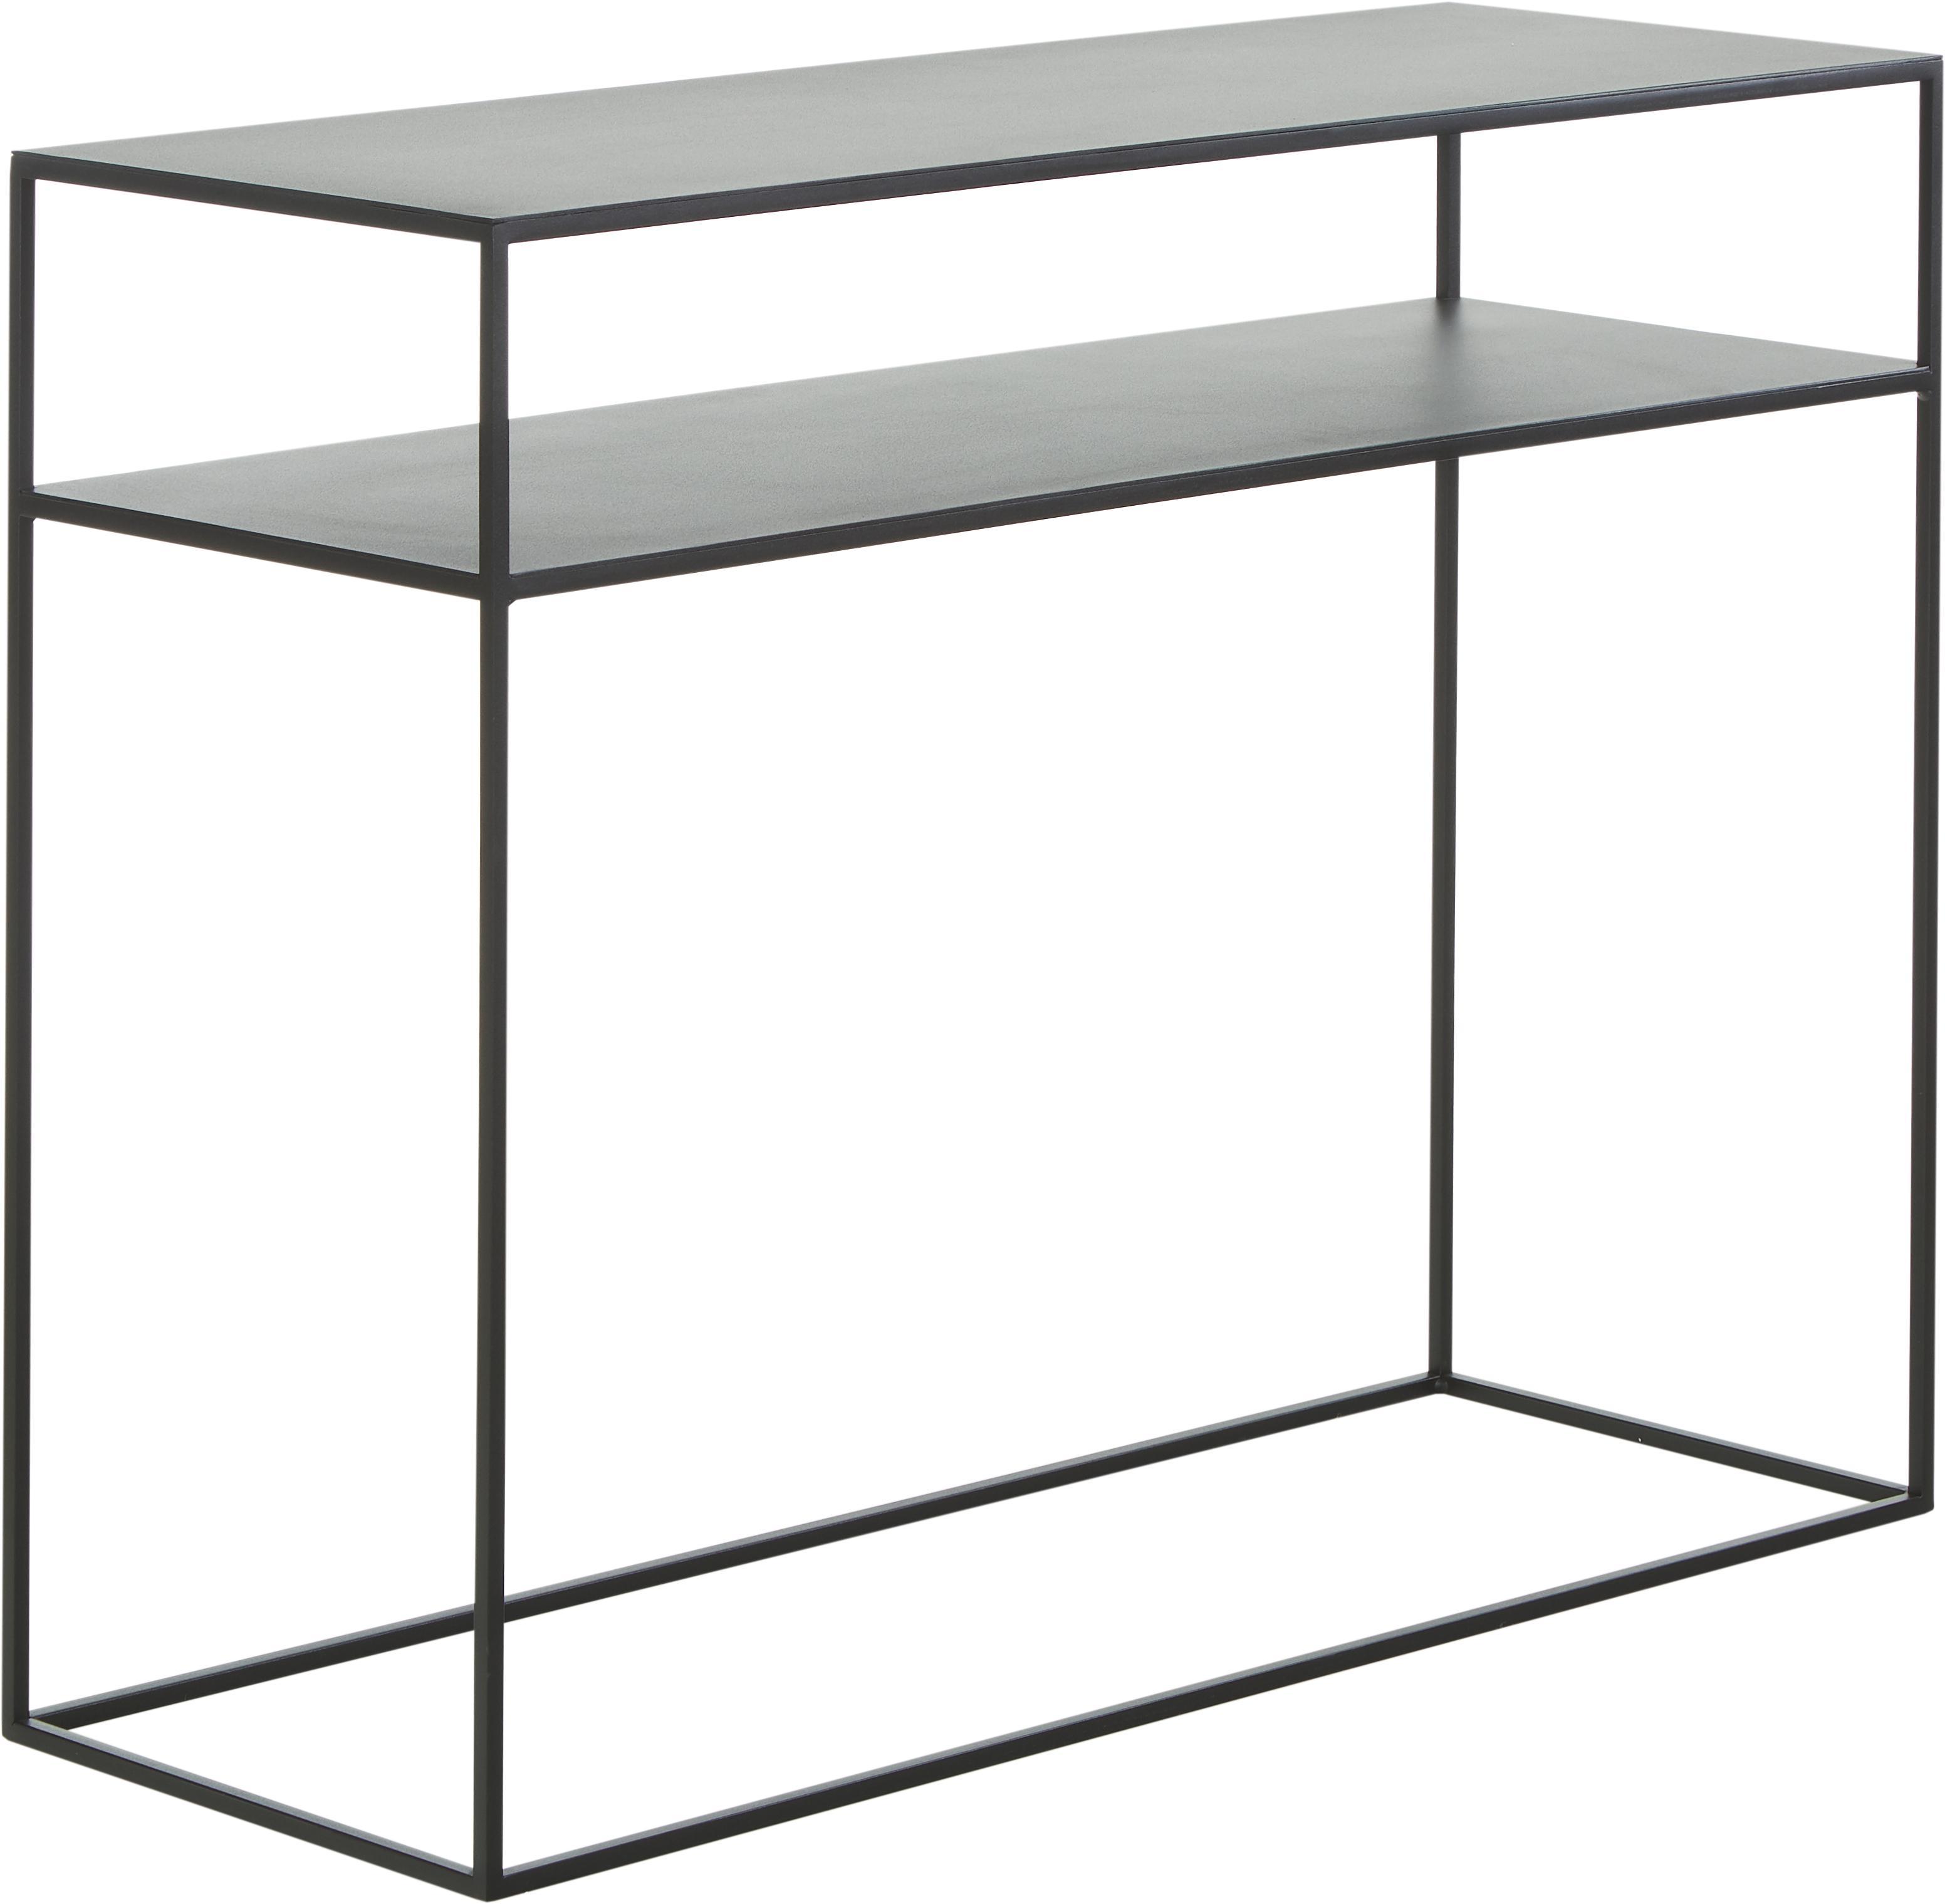 Consolle in metallo nero Tensio Duo, Metallo verniciato a polvere, Nero, Larg. 100 x Prof. 35 cm